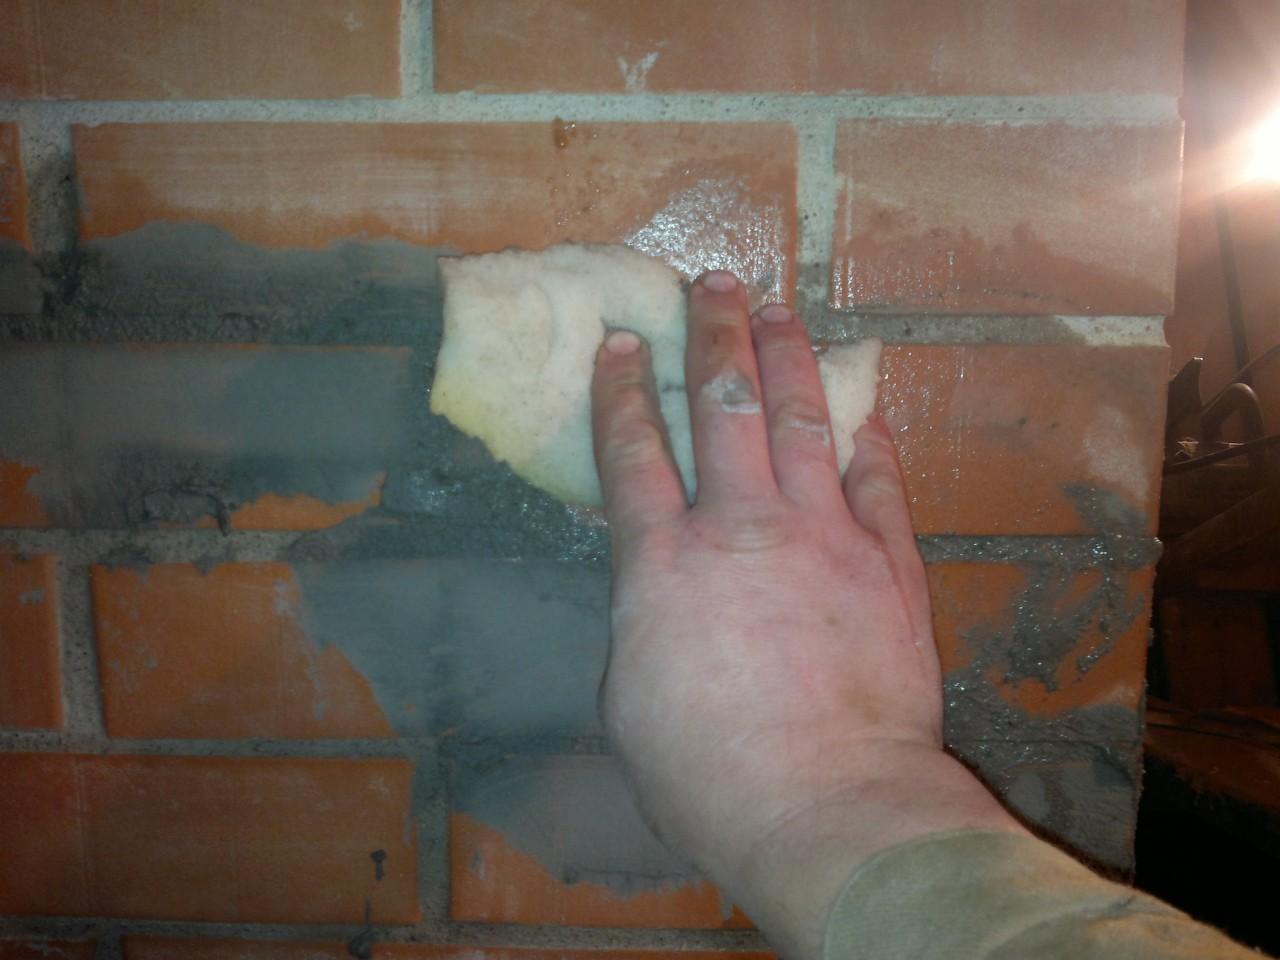 Ремонт кирпичной печи: как отремонтировать печь из кирпича своими руками, ремонт топки, чем замазать щели, раствор